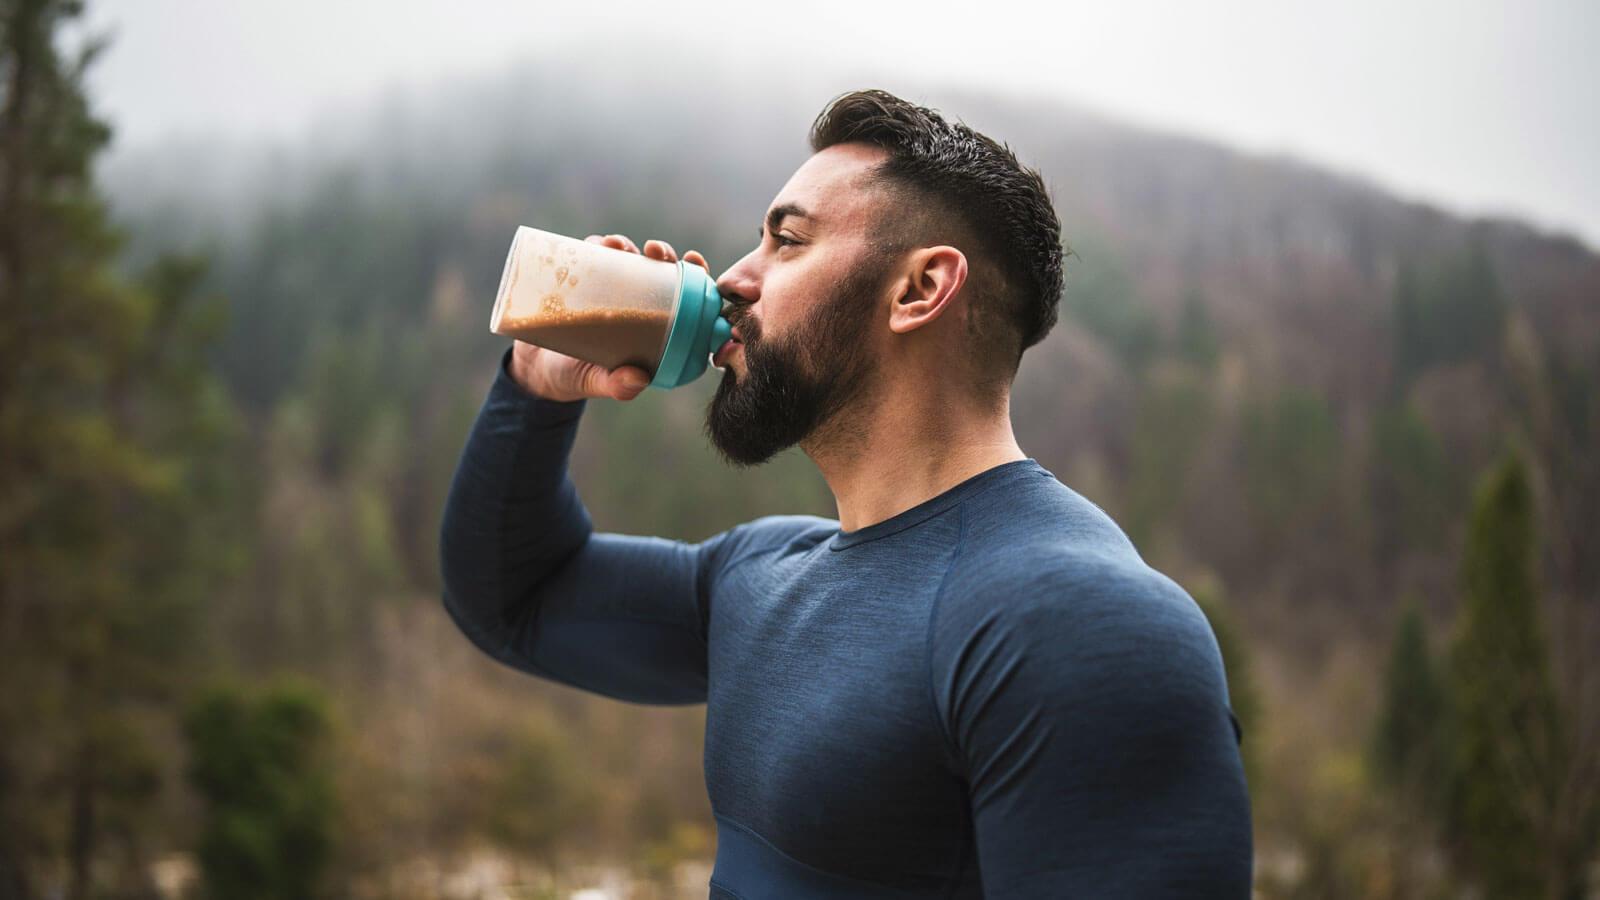 l'hygiène de son shaker de protéine est primordial